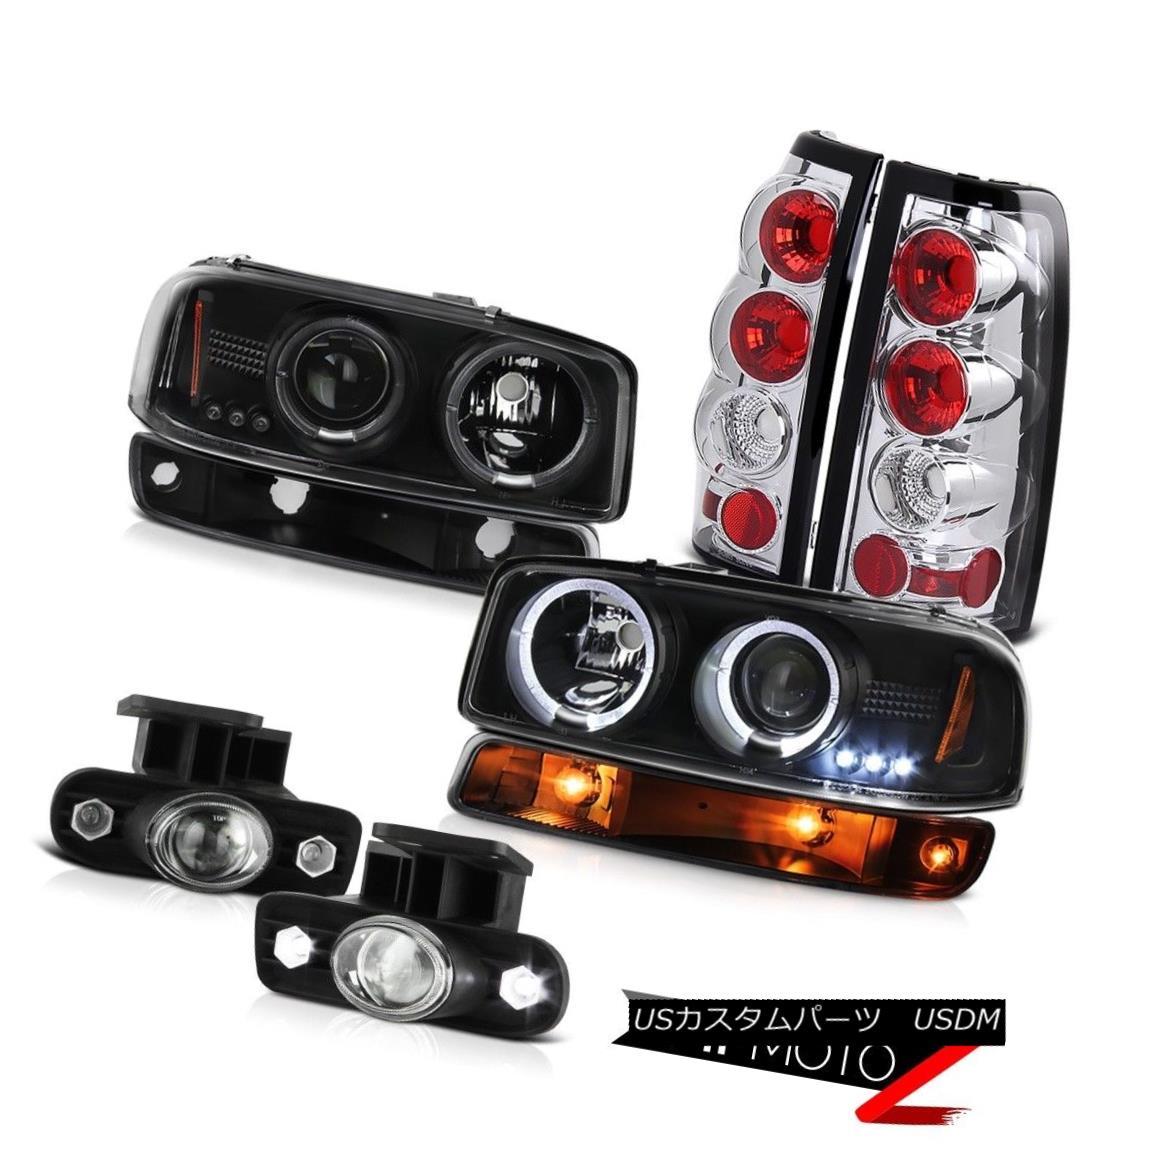 ヘッドライト 99-02 Sierra 2500 Clear chrome fog lights taillamps parking lamp headlights LED 99-02 Sierra 2500クリアクロームフォグライトテールランプパーキングランプヘッドライトLED